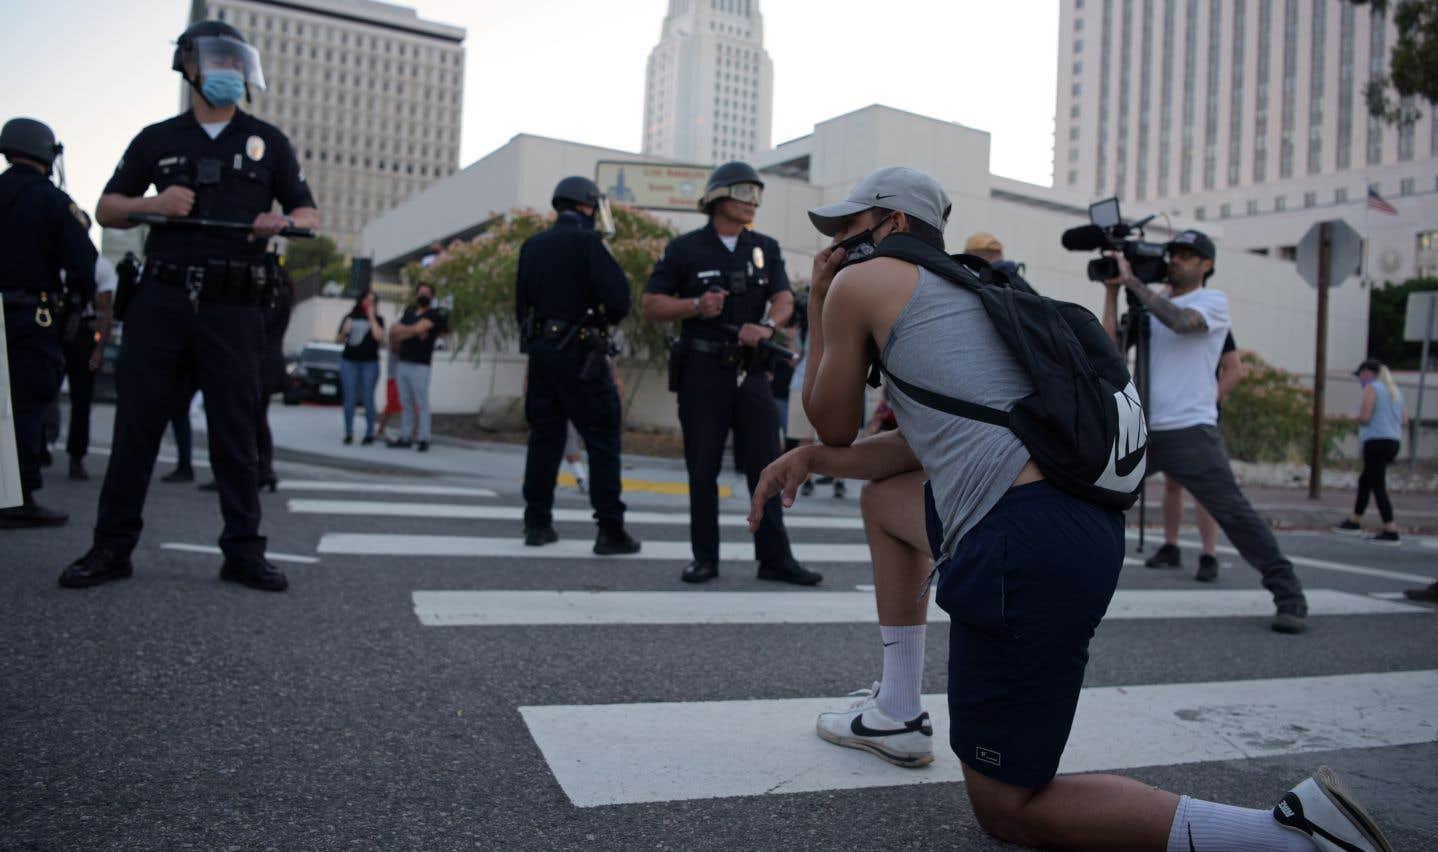 Un manifestant s'agenouille devant une rangée de policiers alors que des manifestants se rassemblent au centre-ville de Los Angeles pour manifester contre la mort de George Floyd.